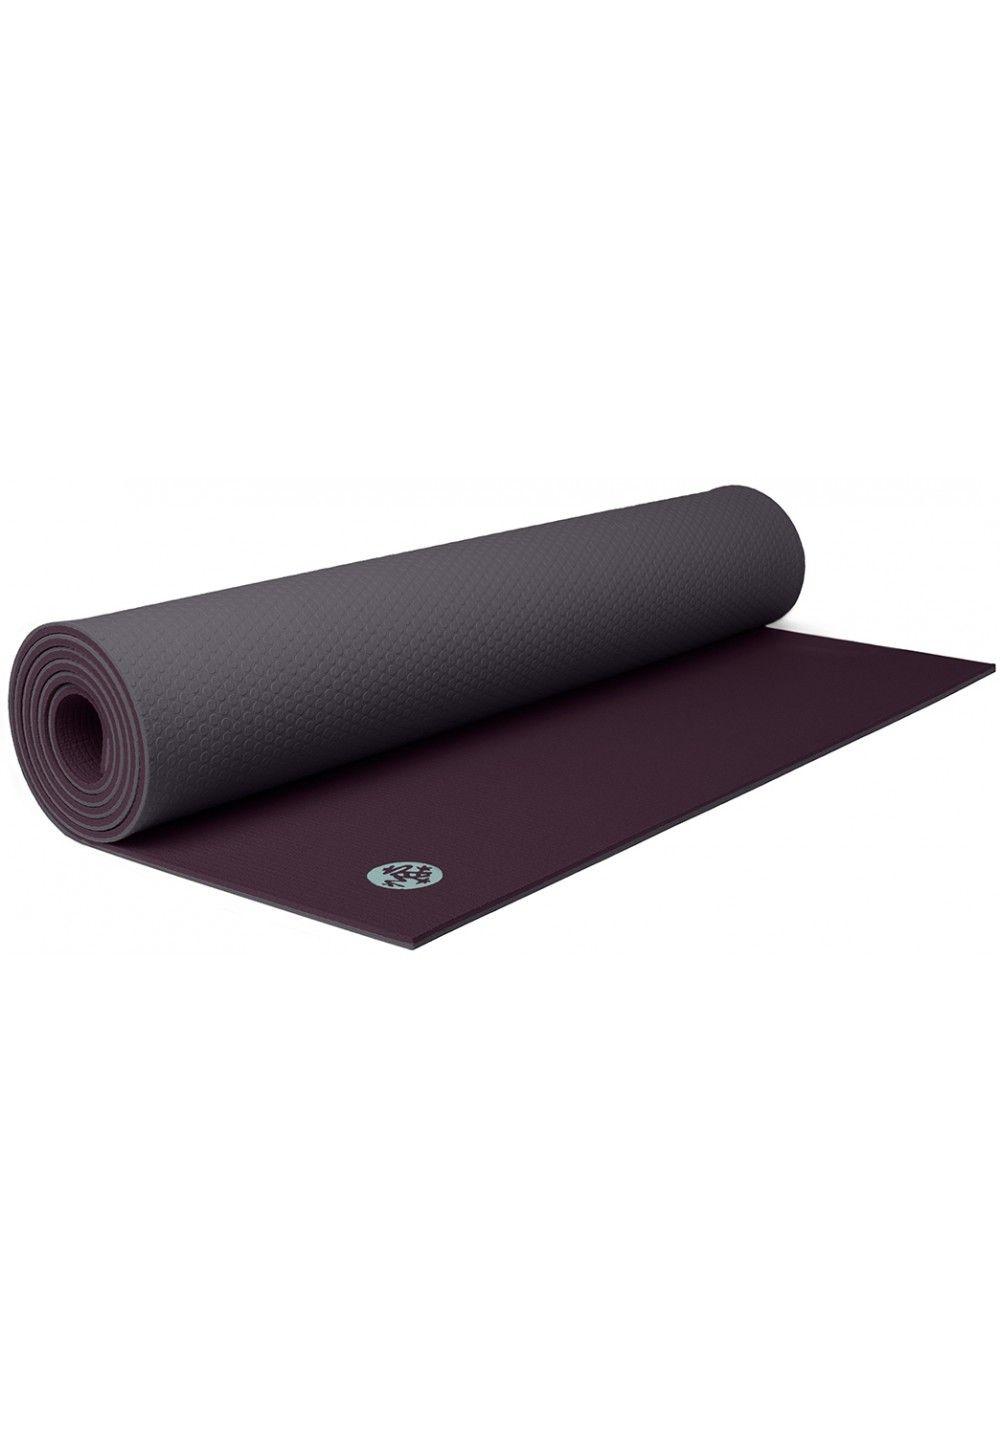 Manduka Yoga Mat PRO Limited Edition - Vasuda | Y O G A ...